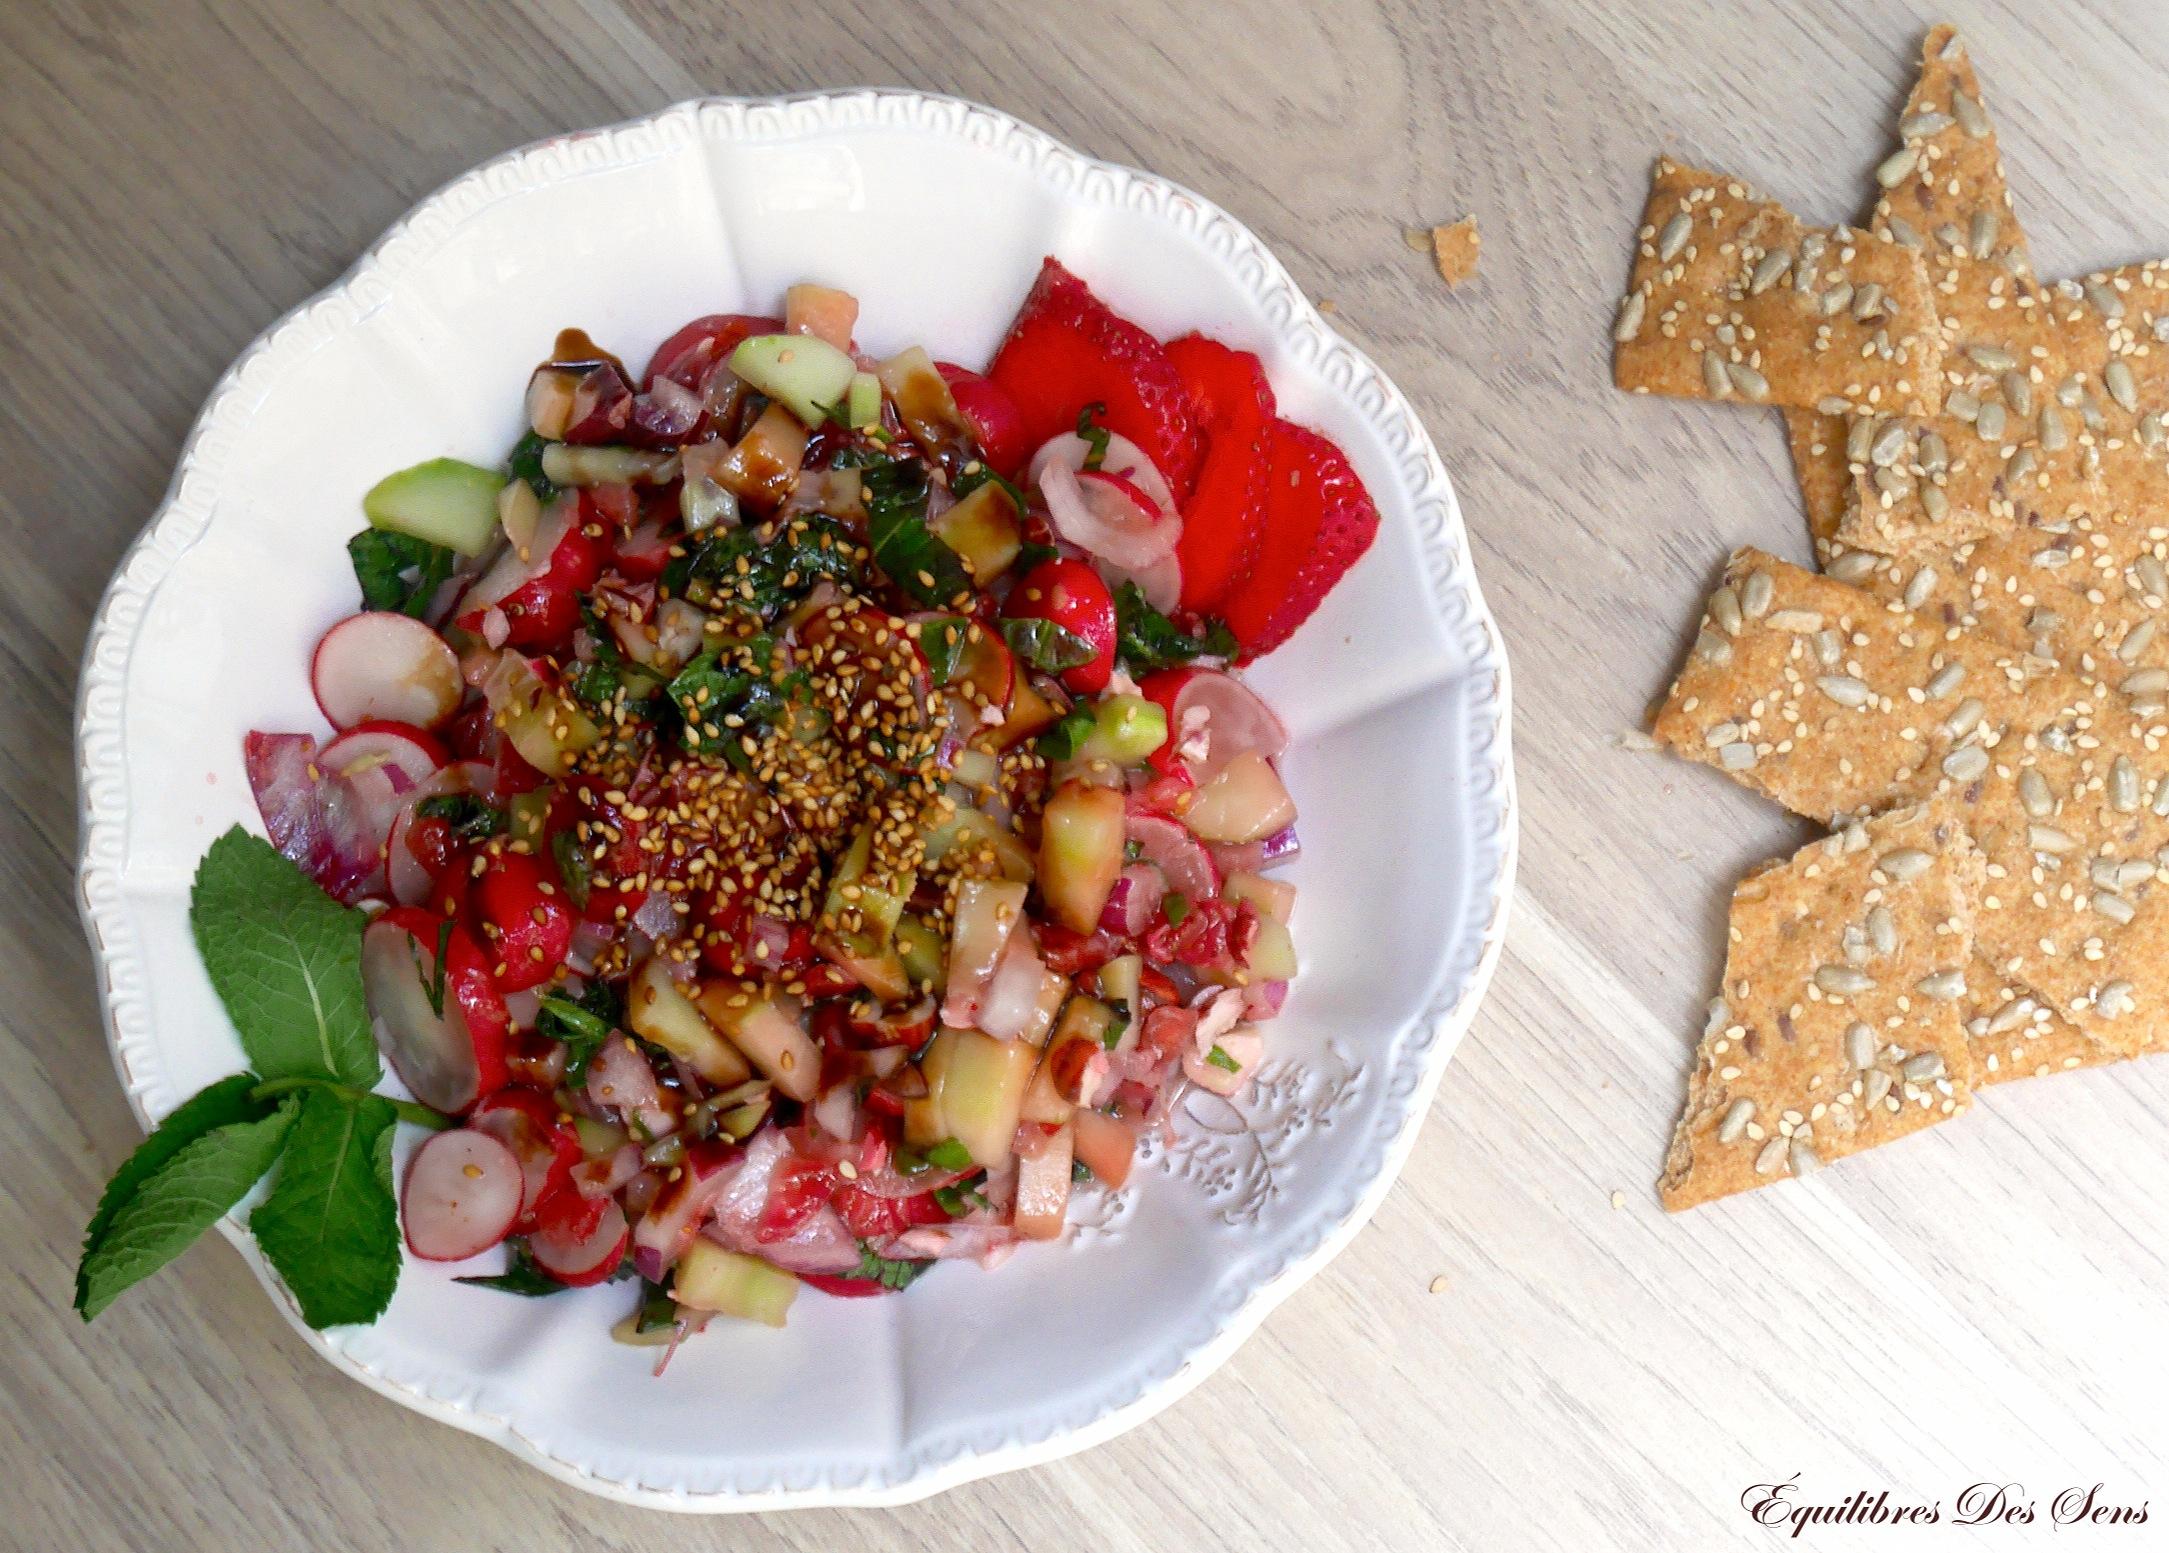 Craquez pour cette salade printanière rose & verte tout fraîche et très croquante !